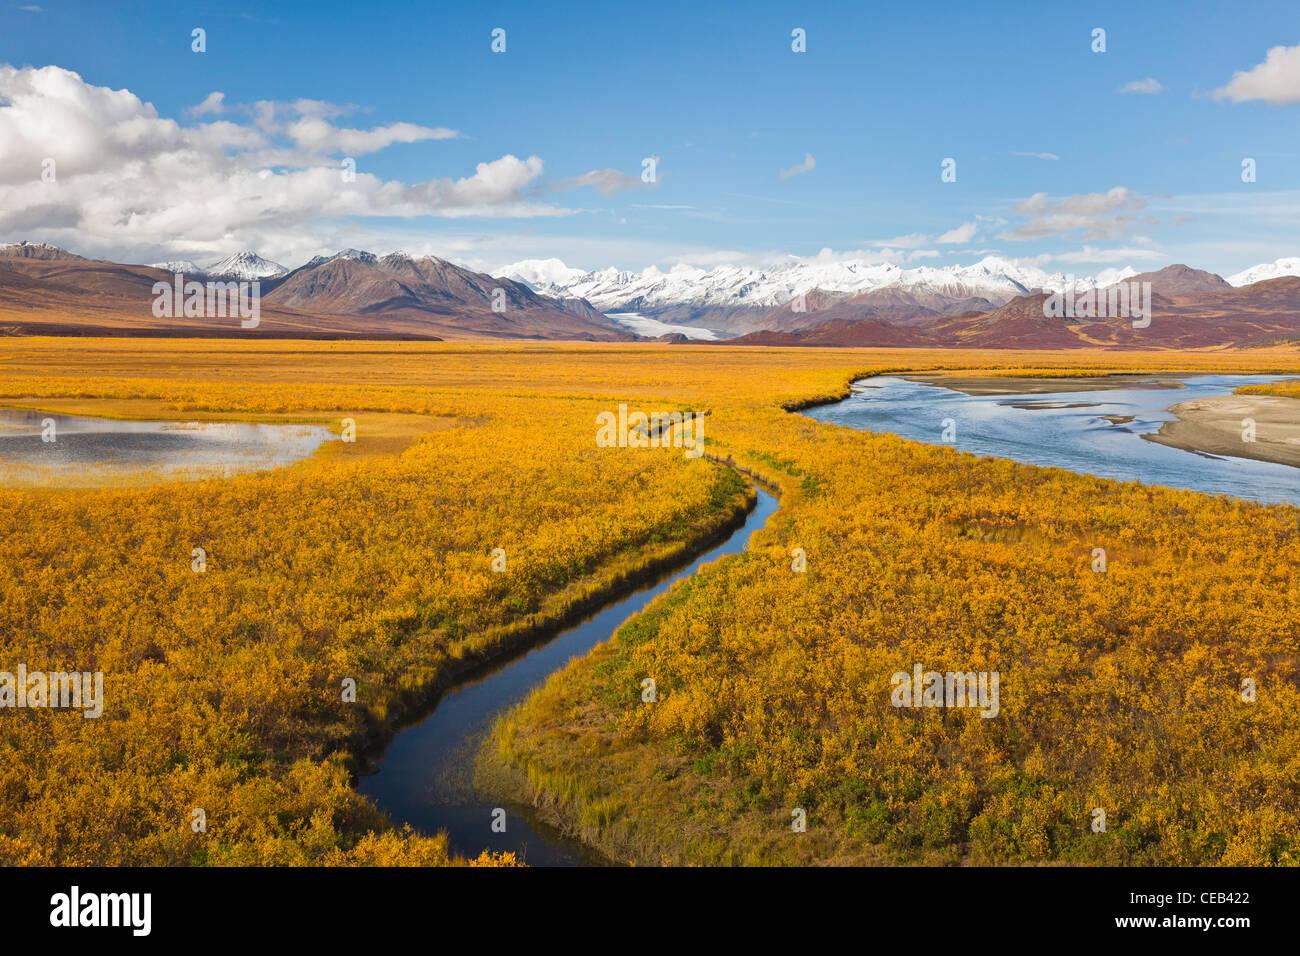 Vista panoramica del ghiacciaio di Maclaren, Maclaren River Valley e l est Alaska Range montagne nel tardo autunno Immagini Stock